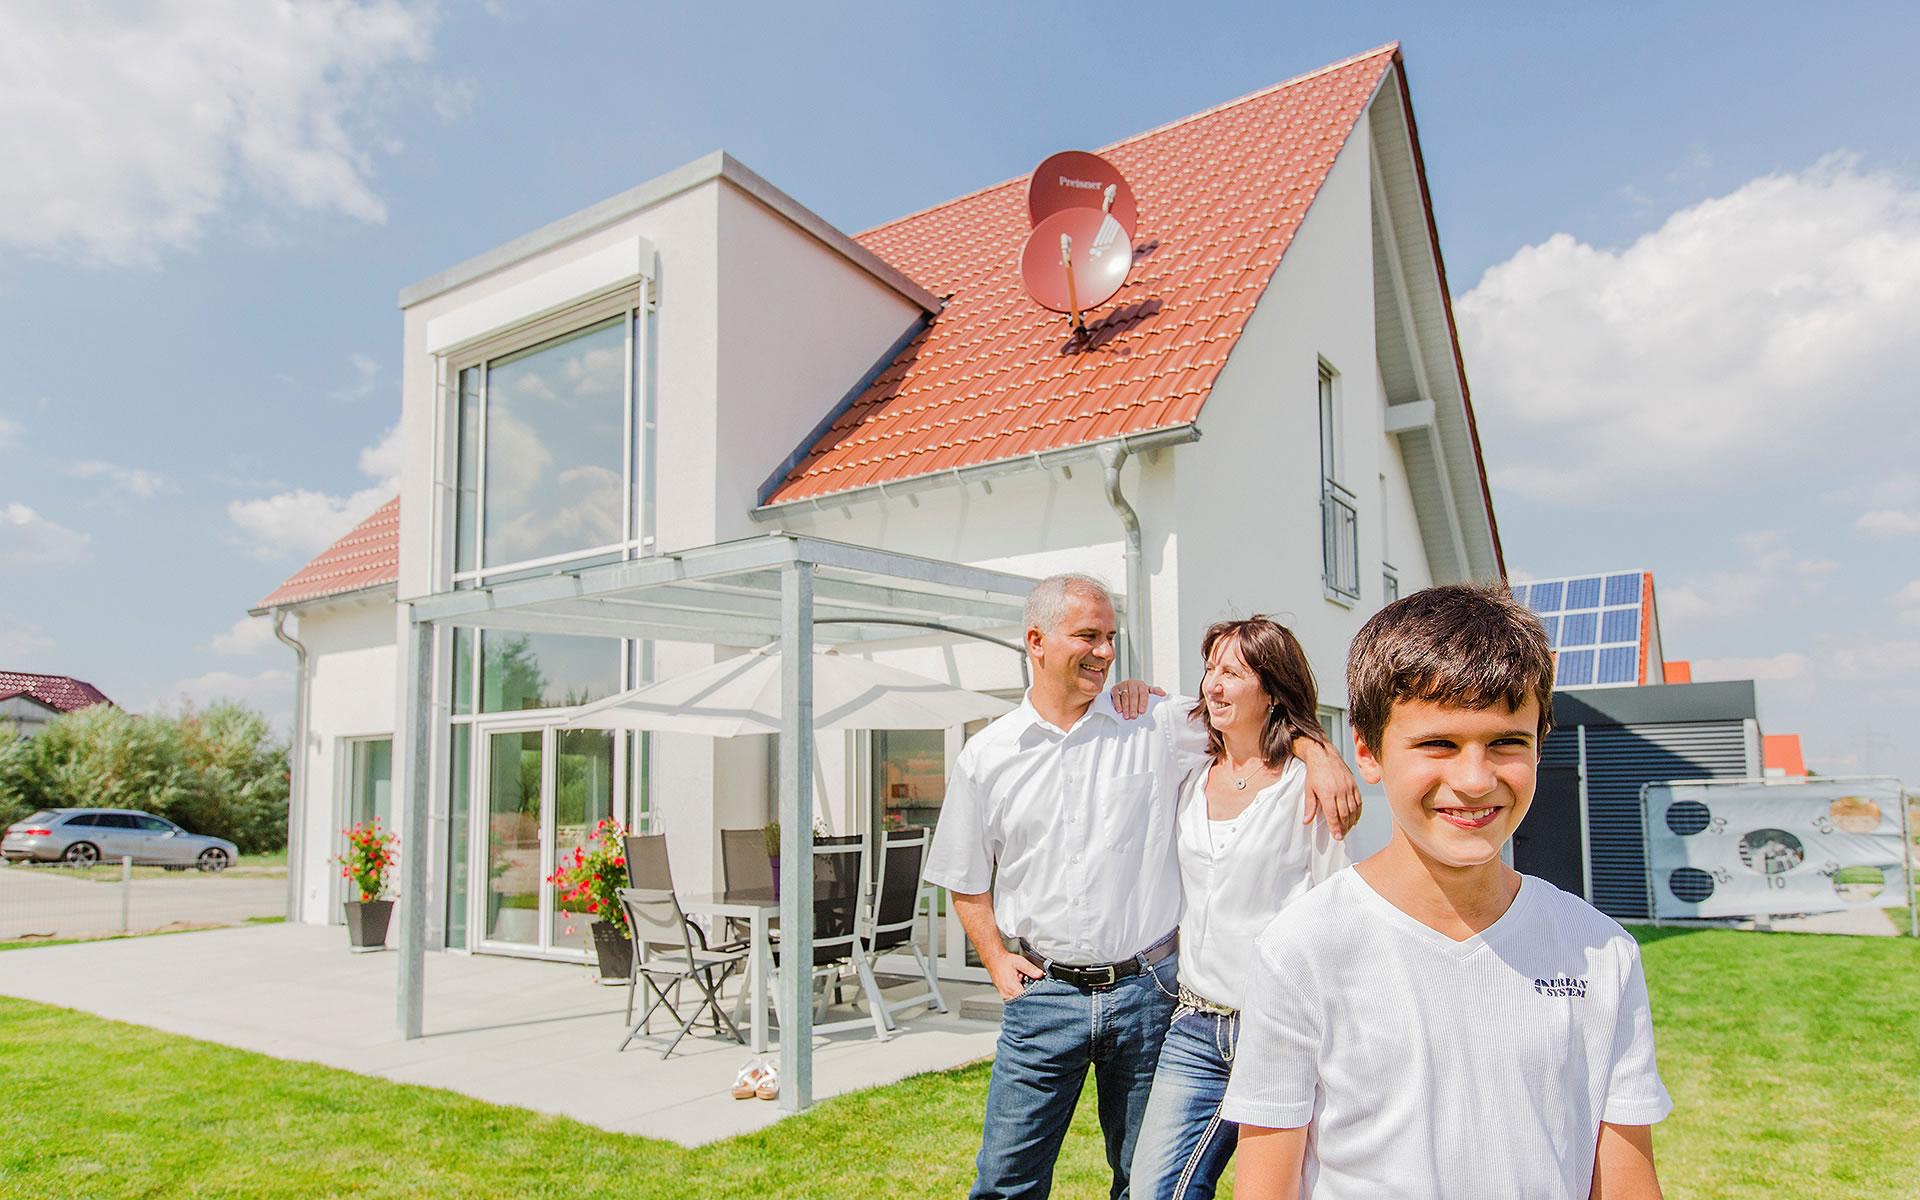 LaVita Vital von FischerHaus GmbH & Co. KG